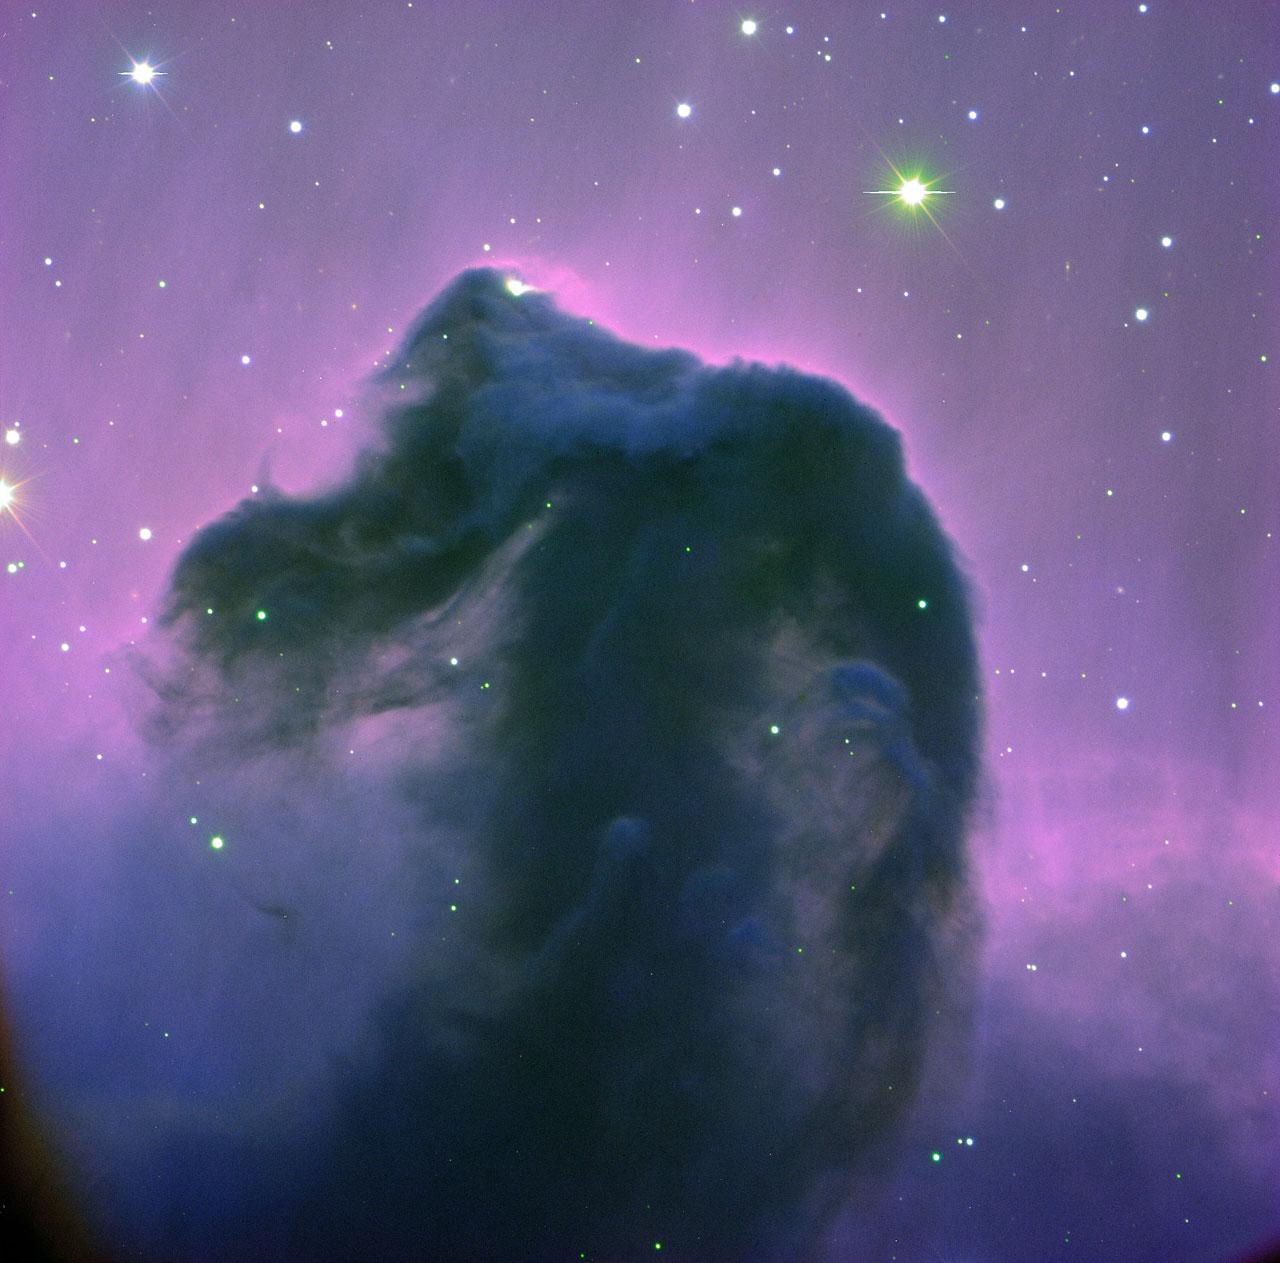 Blue green nebula